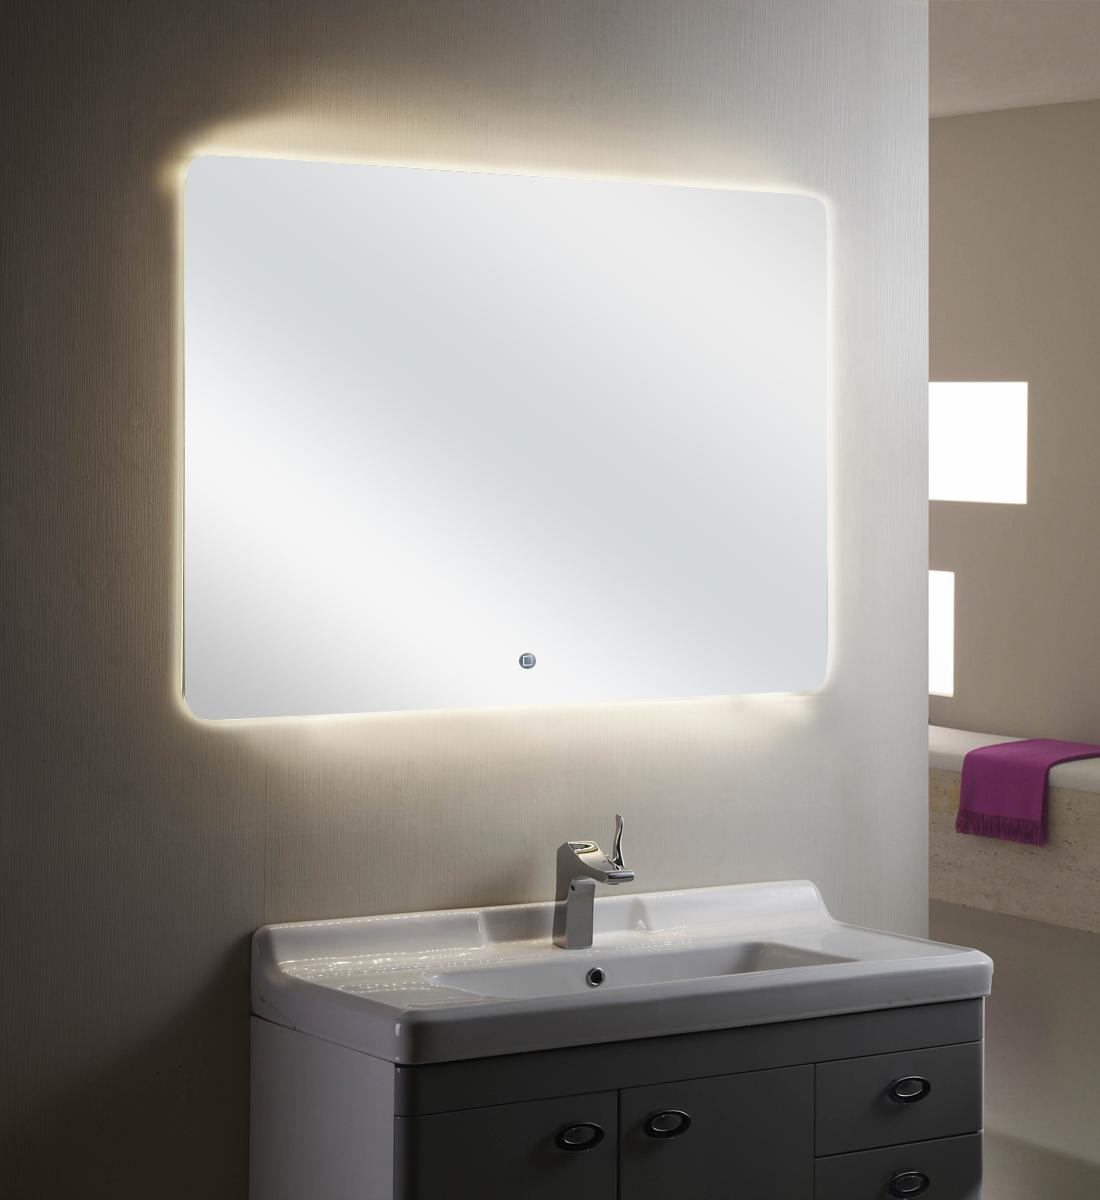 Rowenta Specchio Pieghevole.Specchio Con Luce Led Touch Screen Rettangolare L 60xh 80cm Mastin 05